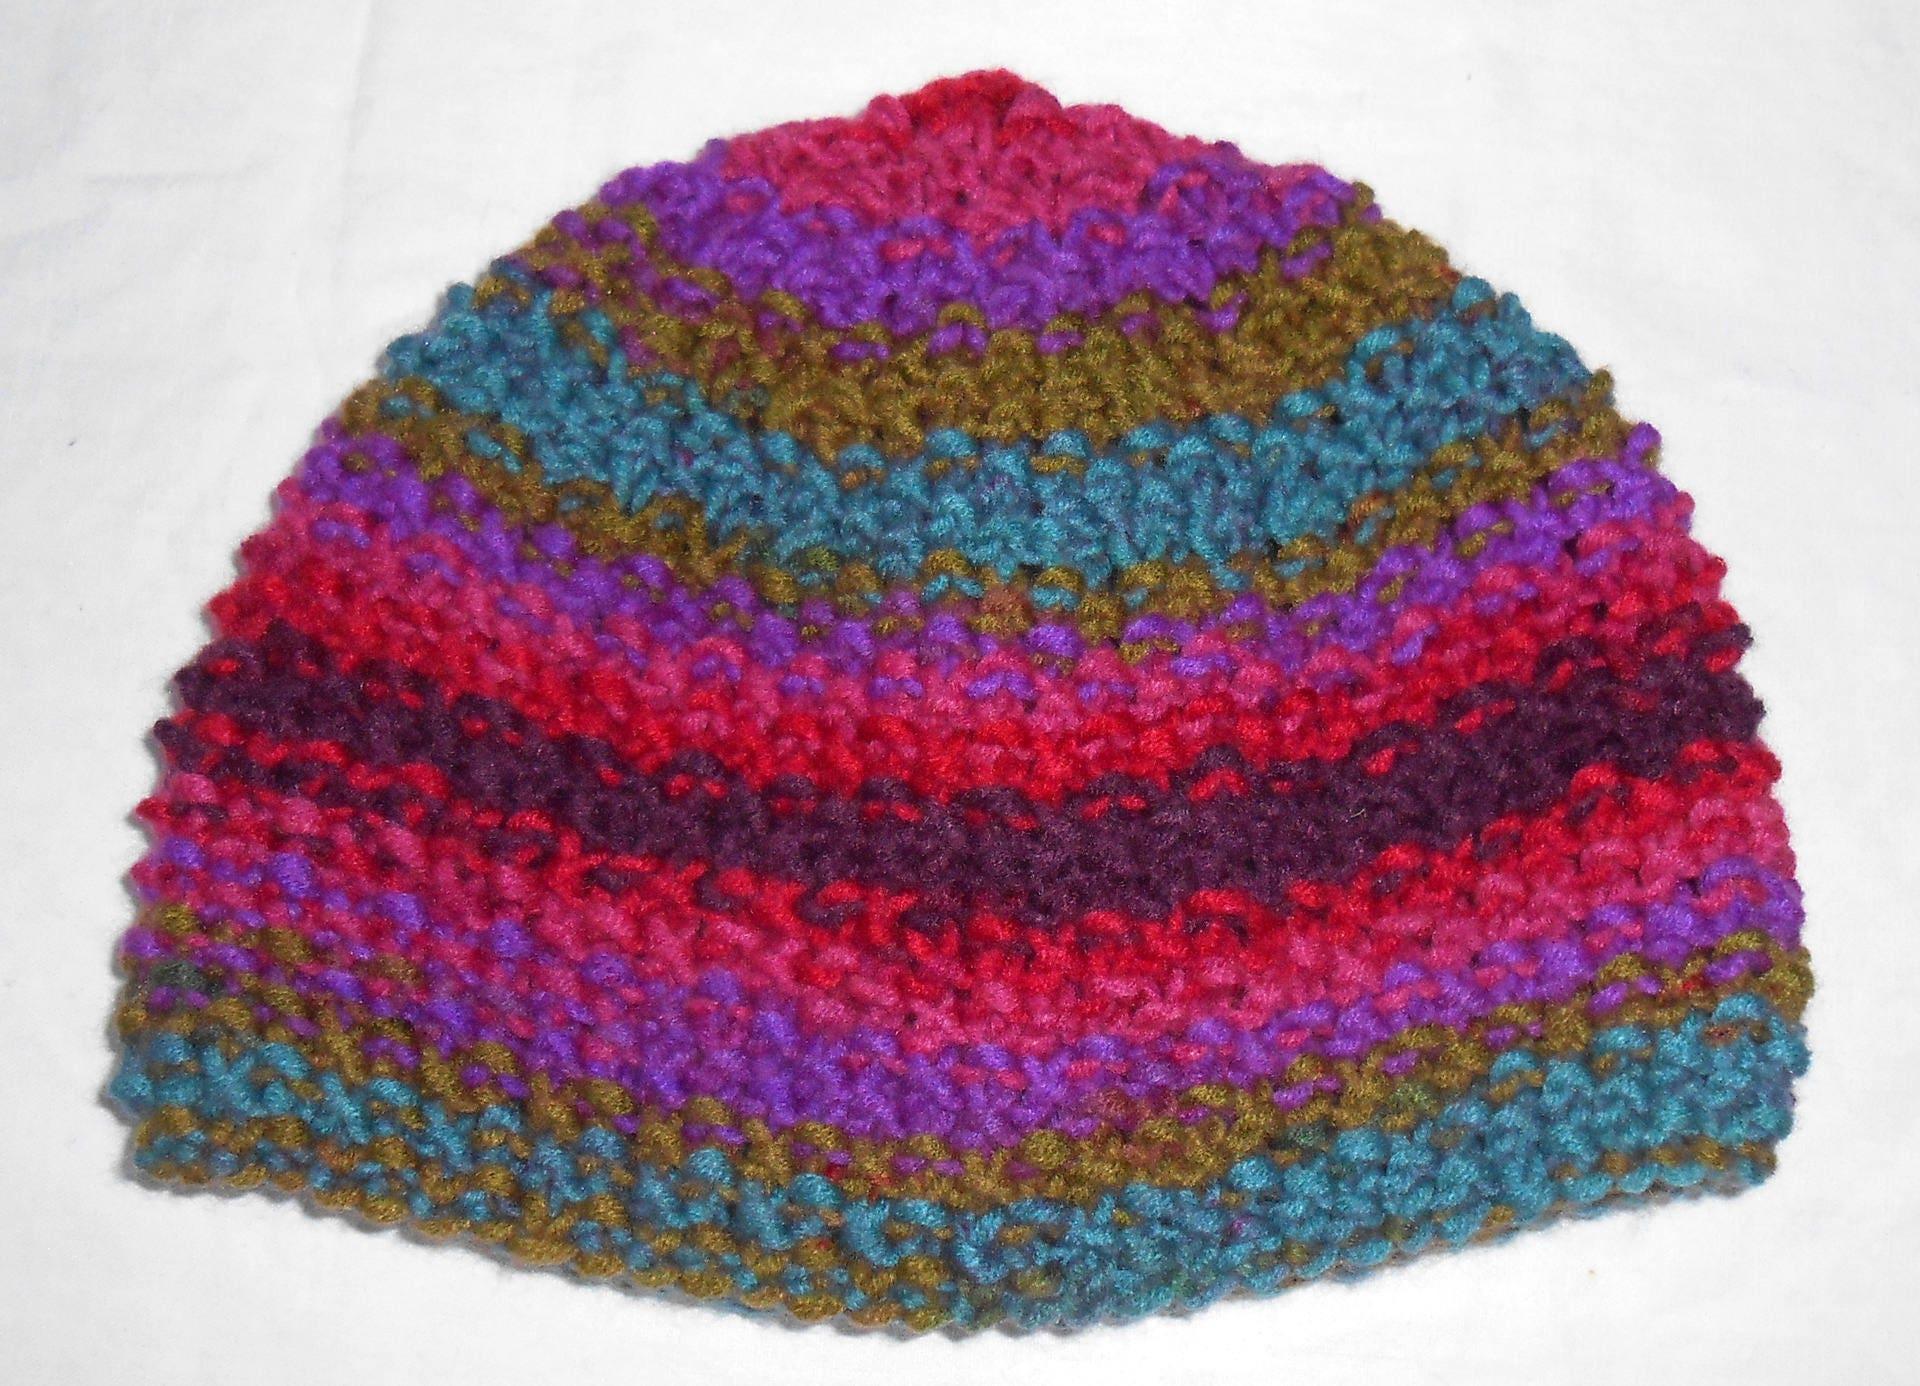 bonnet fillette en laine multicolore tricot main. Black Bedroom Furniture Sets. Home Design Ideas